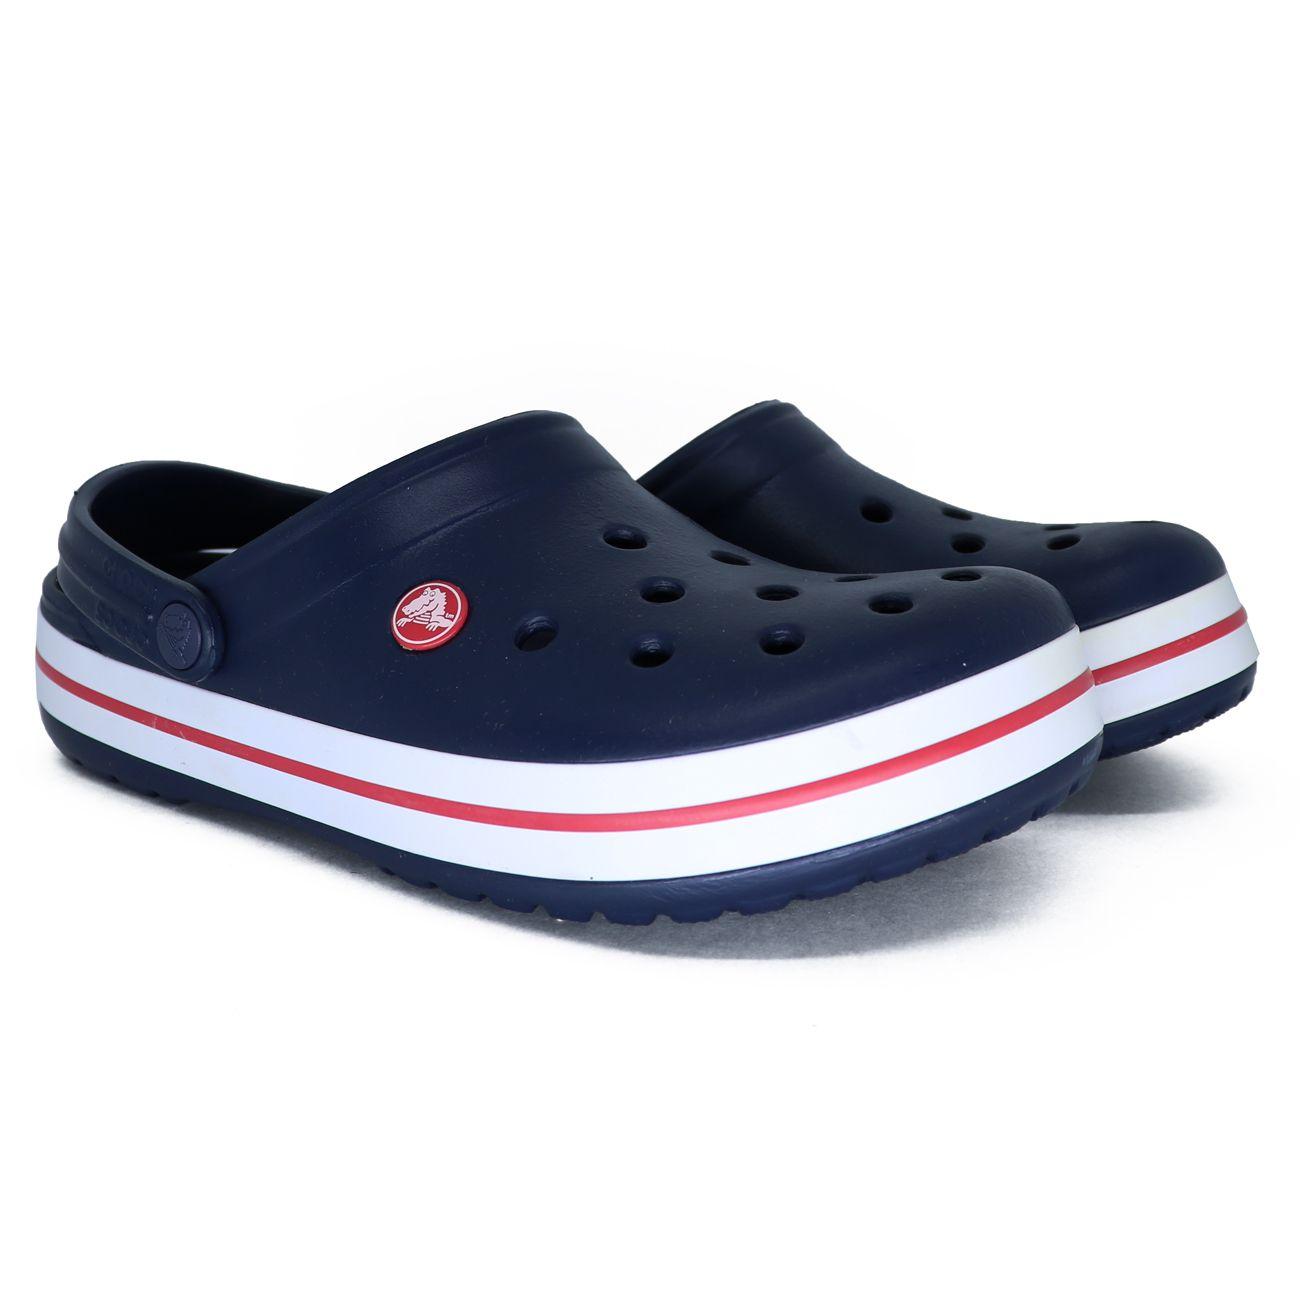 Sandalia Crocs Crocband Azul